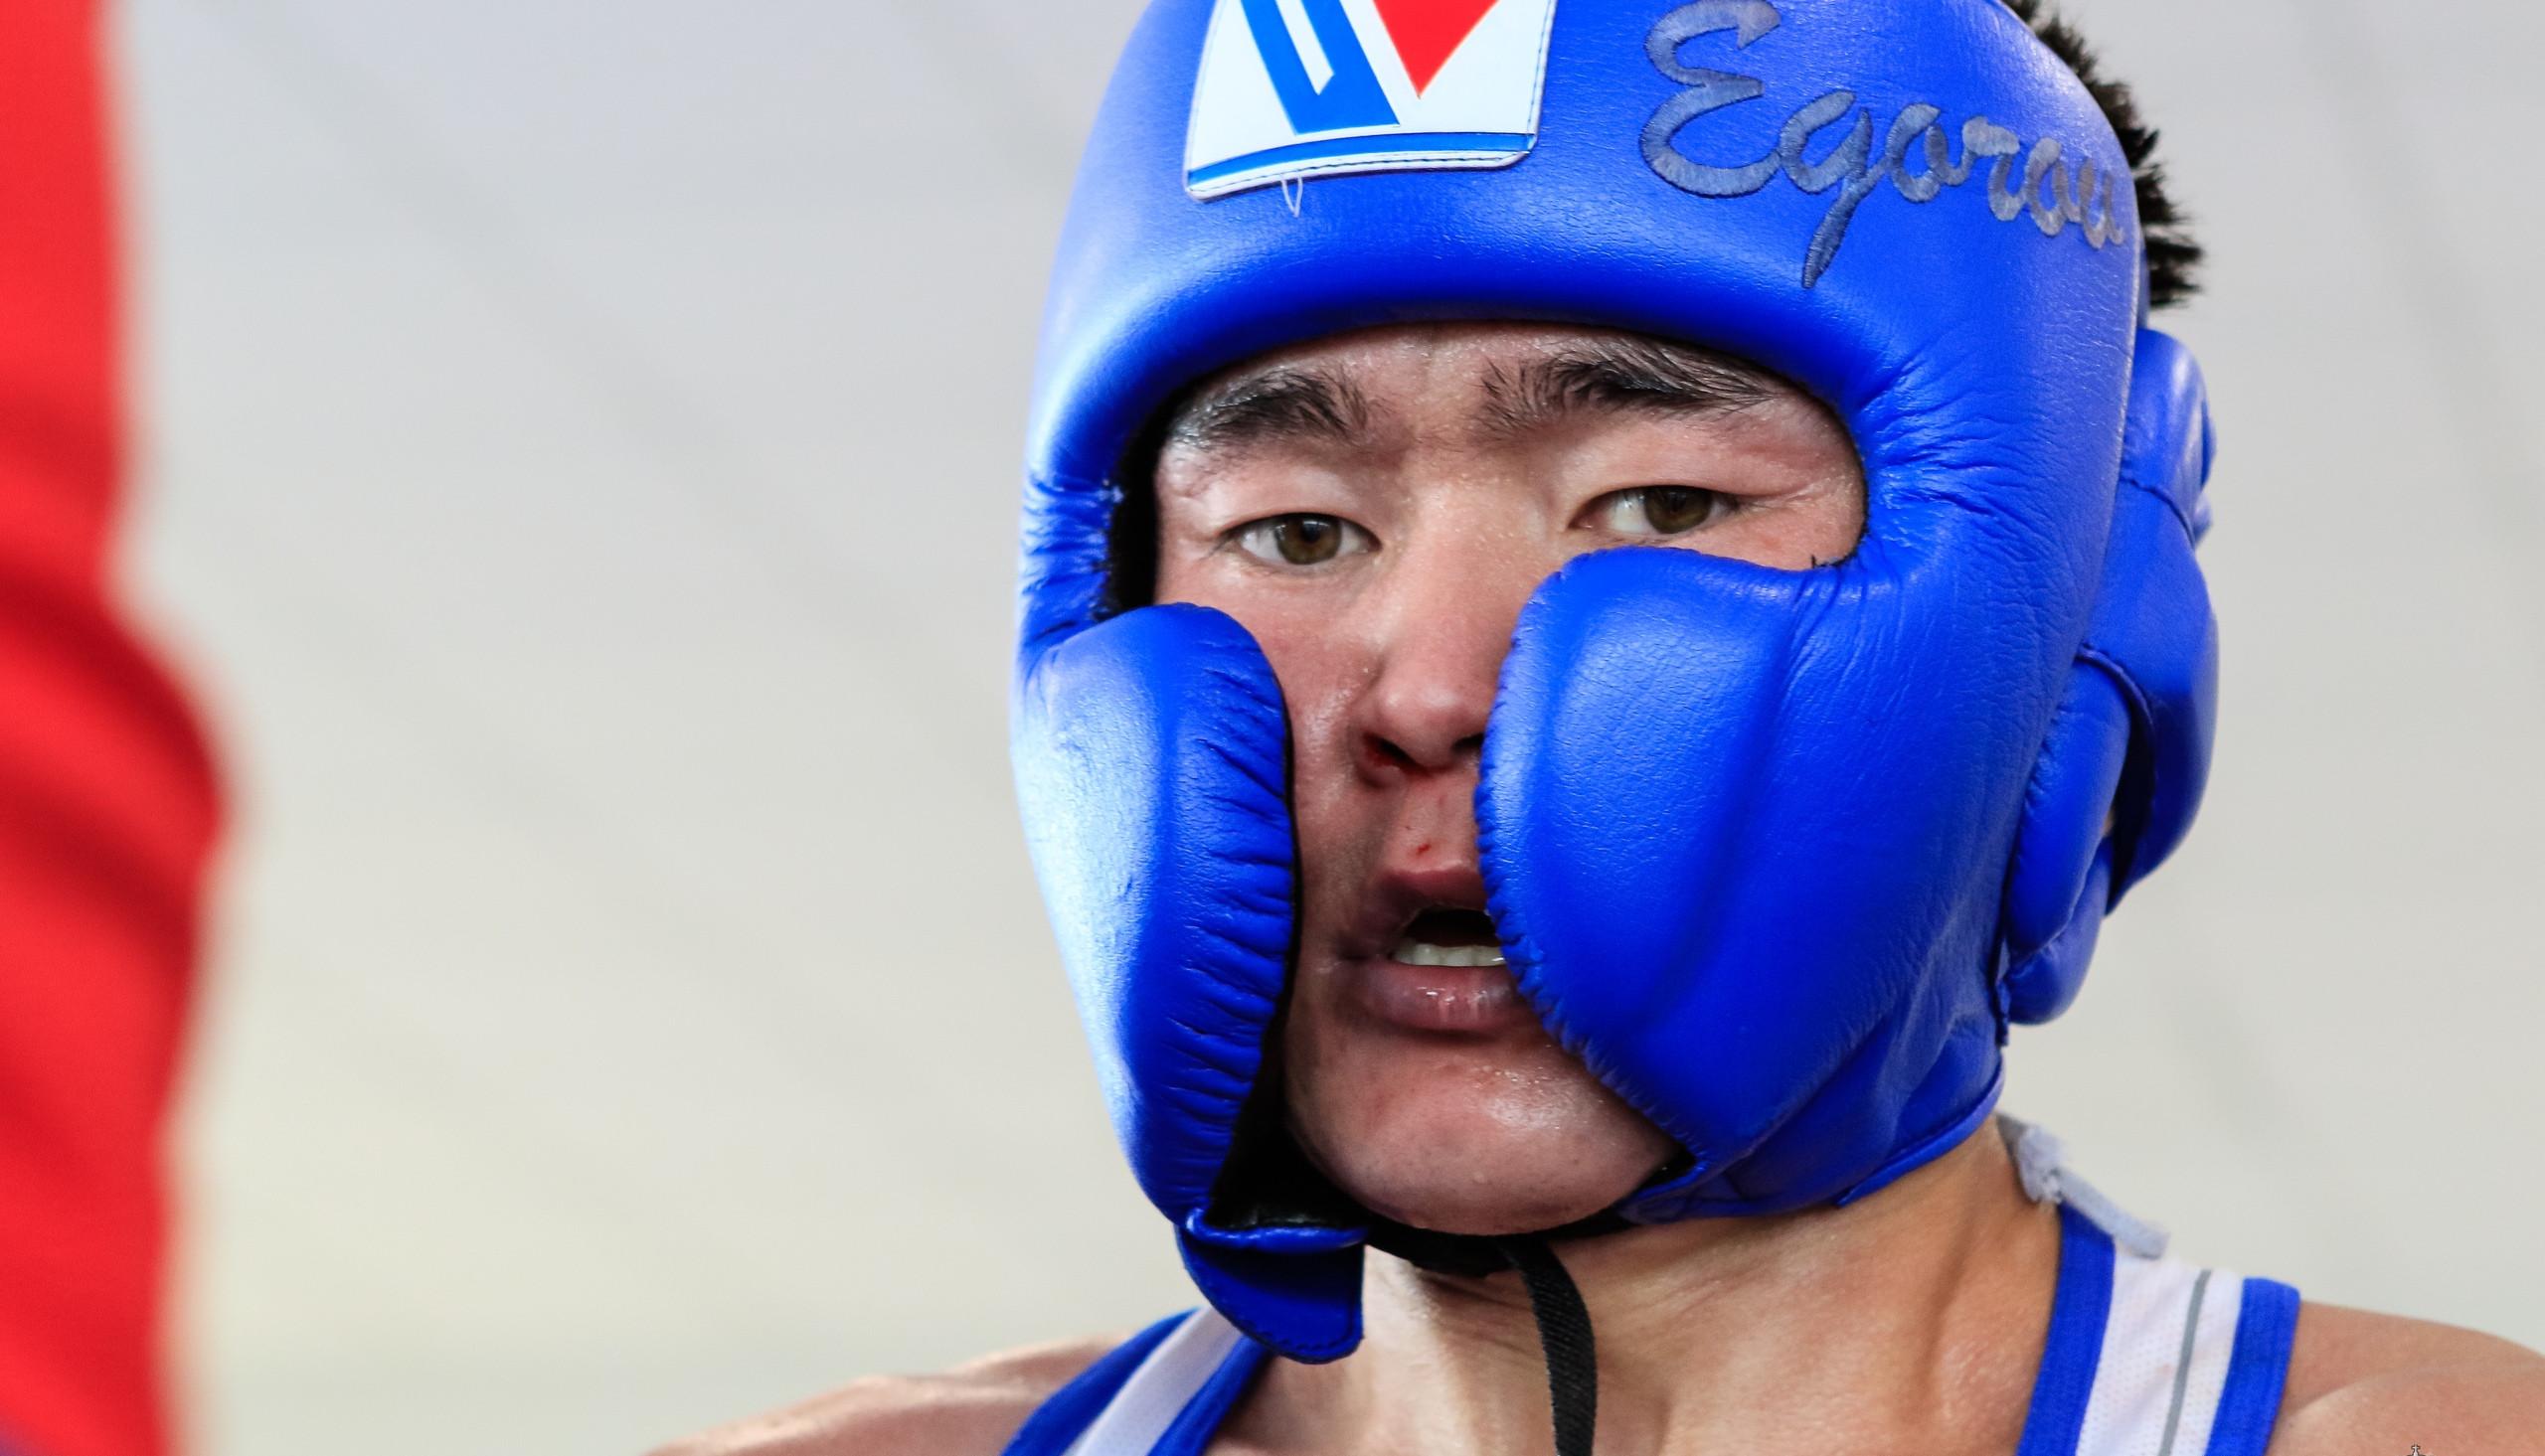 К бою готов. Василий Егоров завтра отправляется на чемпионат мира по боксу